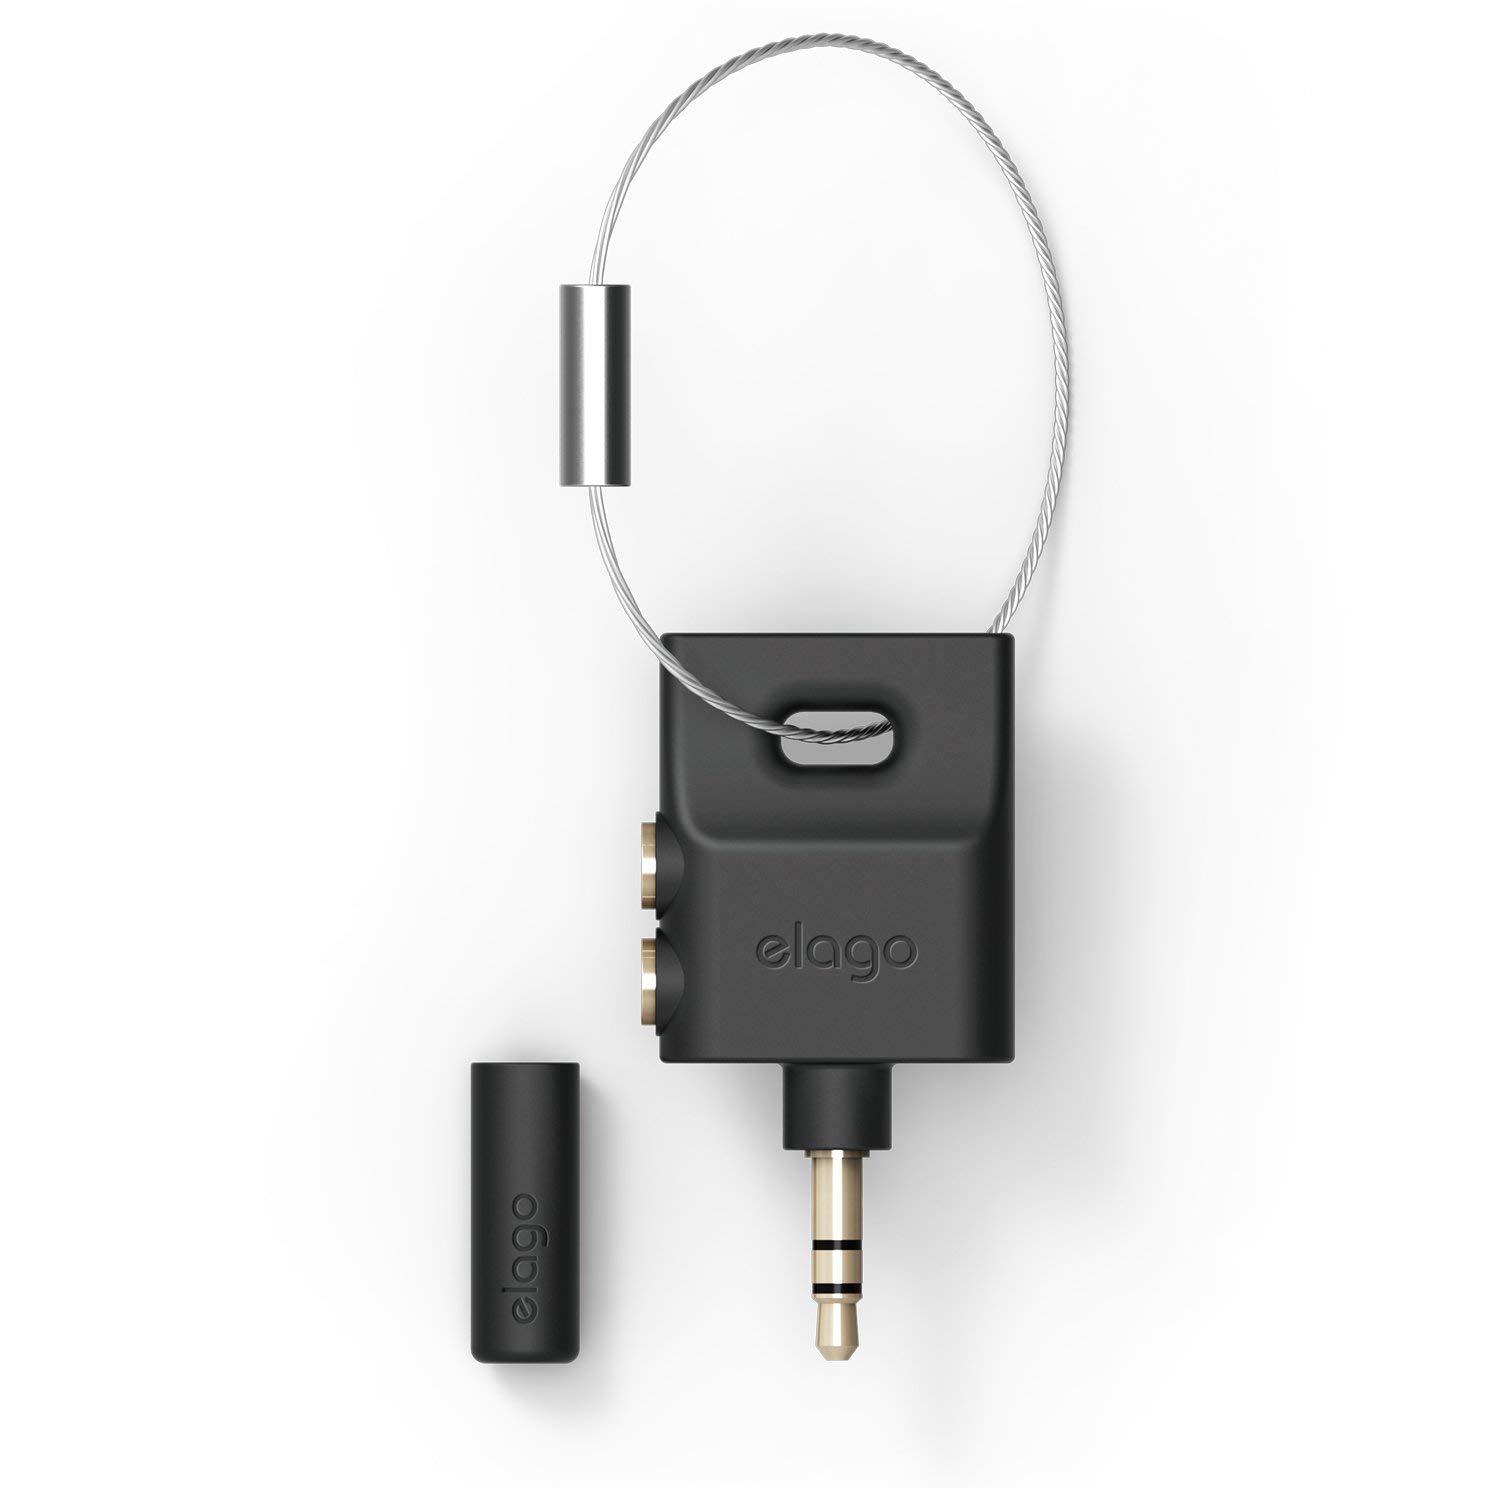 keyring headphone splitter